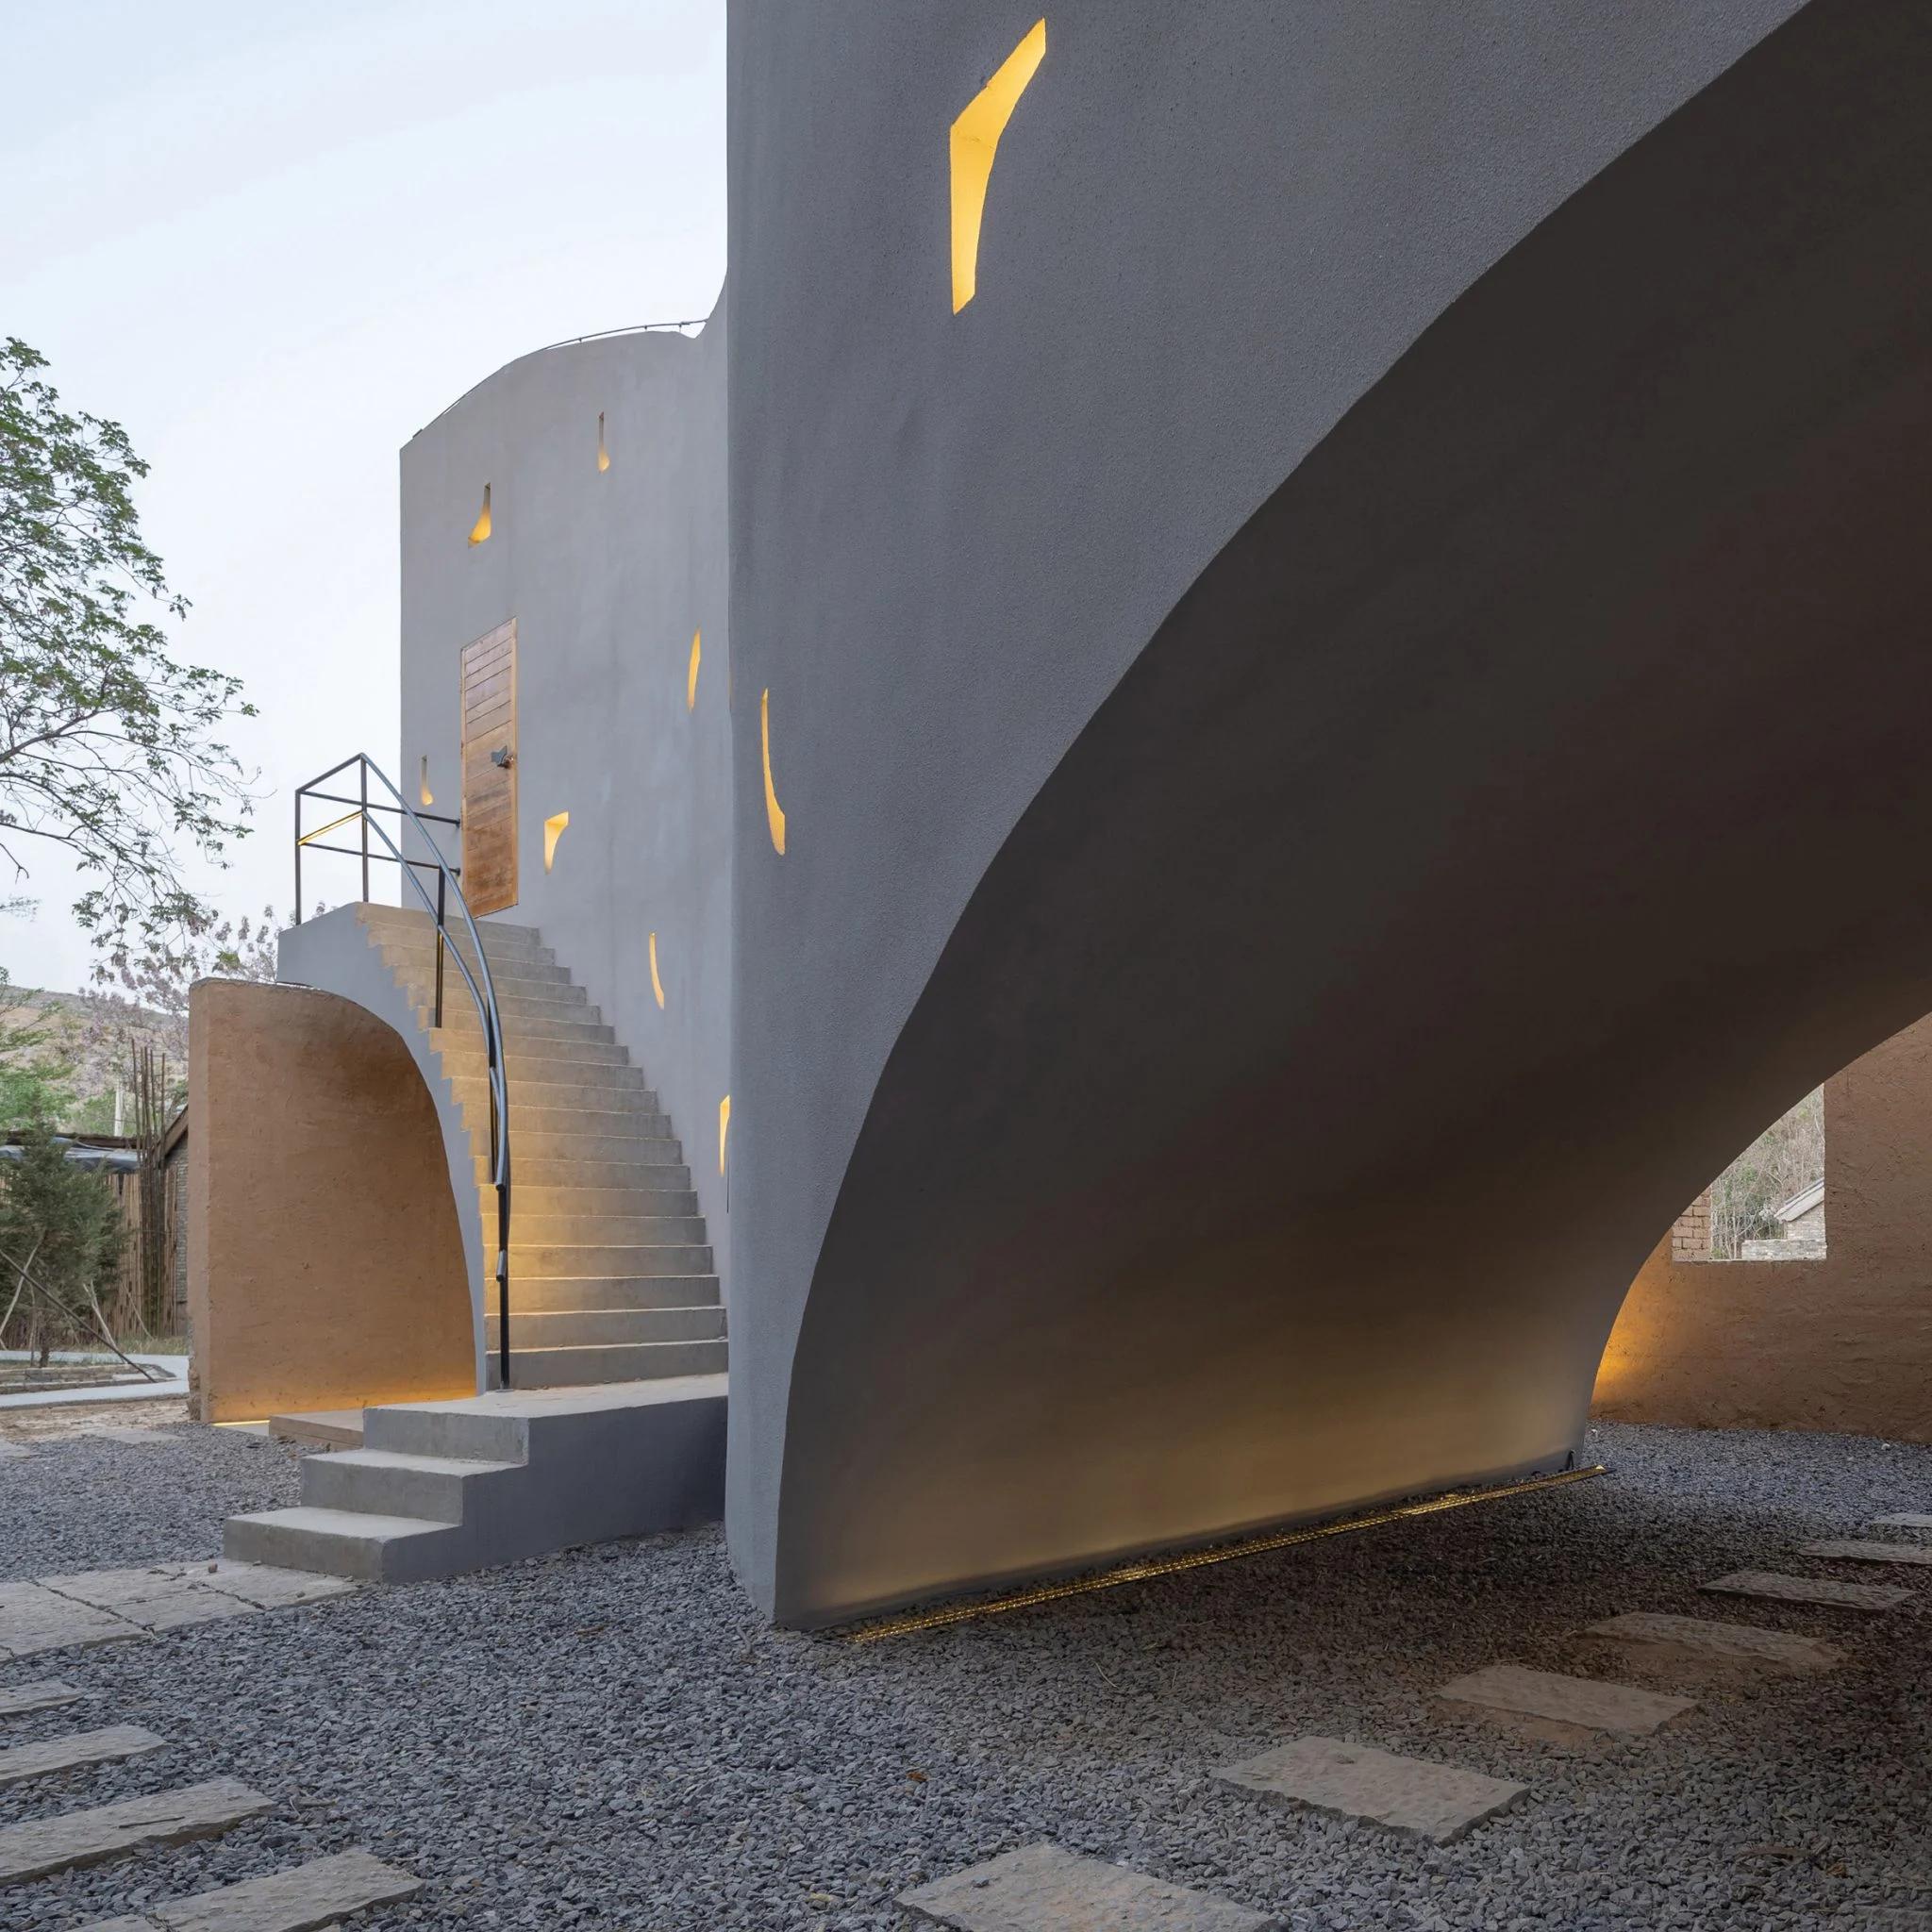 Архітектори перетворили закинуте приміщення у сучасну бібліотеку